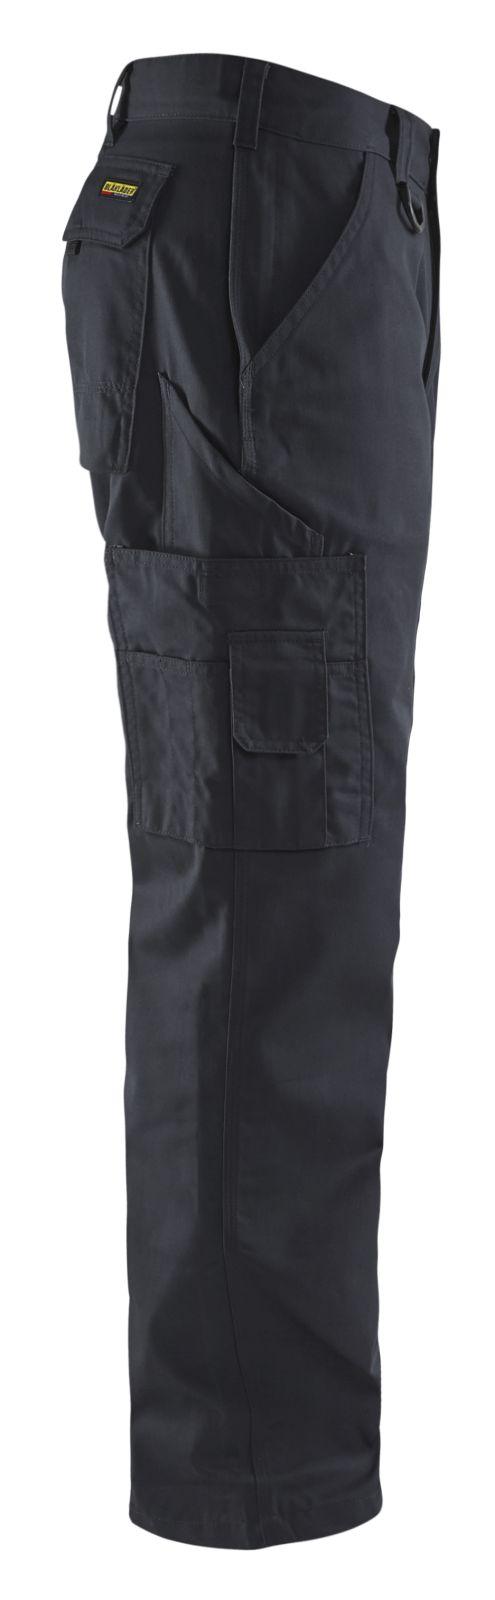 Blaklader Broeken 14071800 zwart(9900)